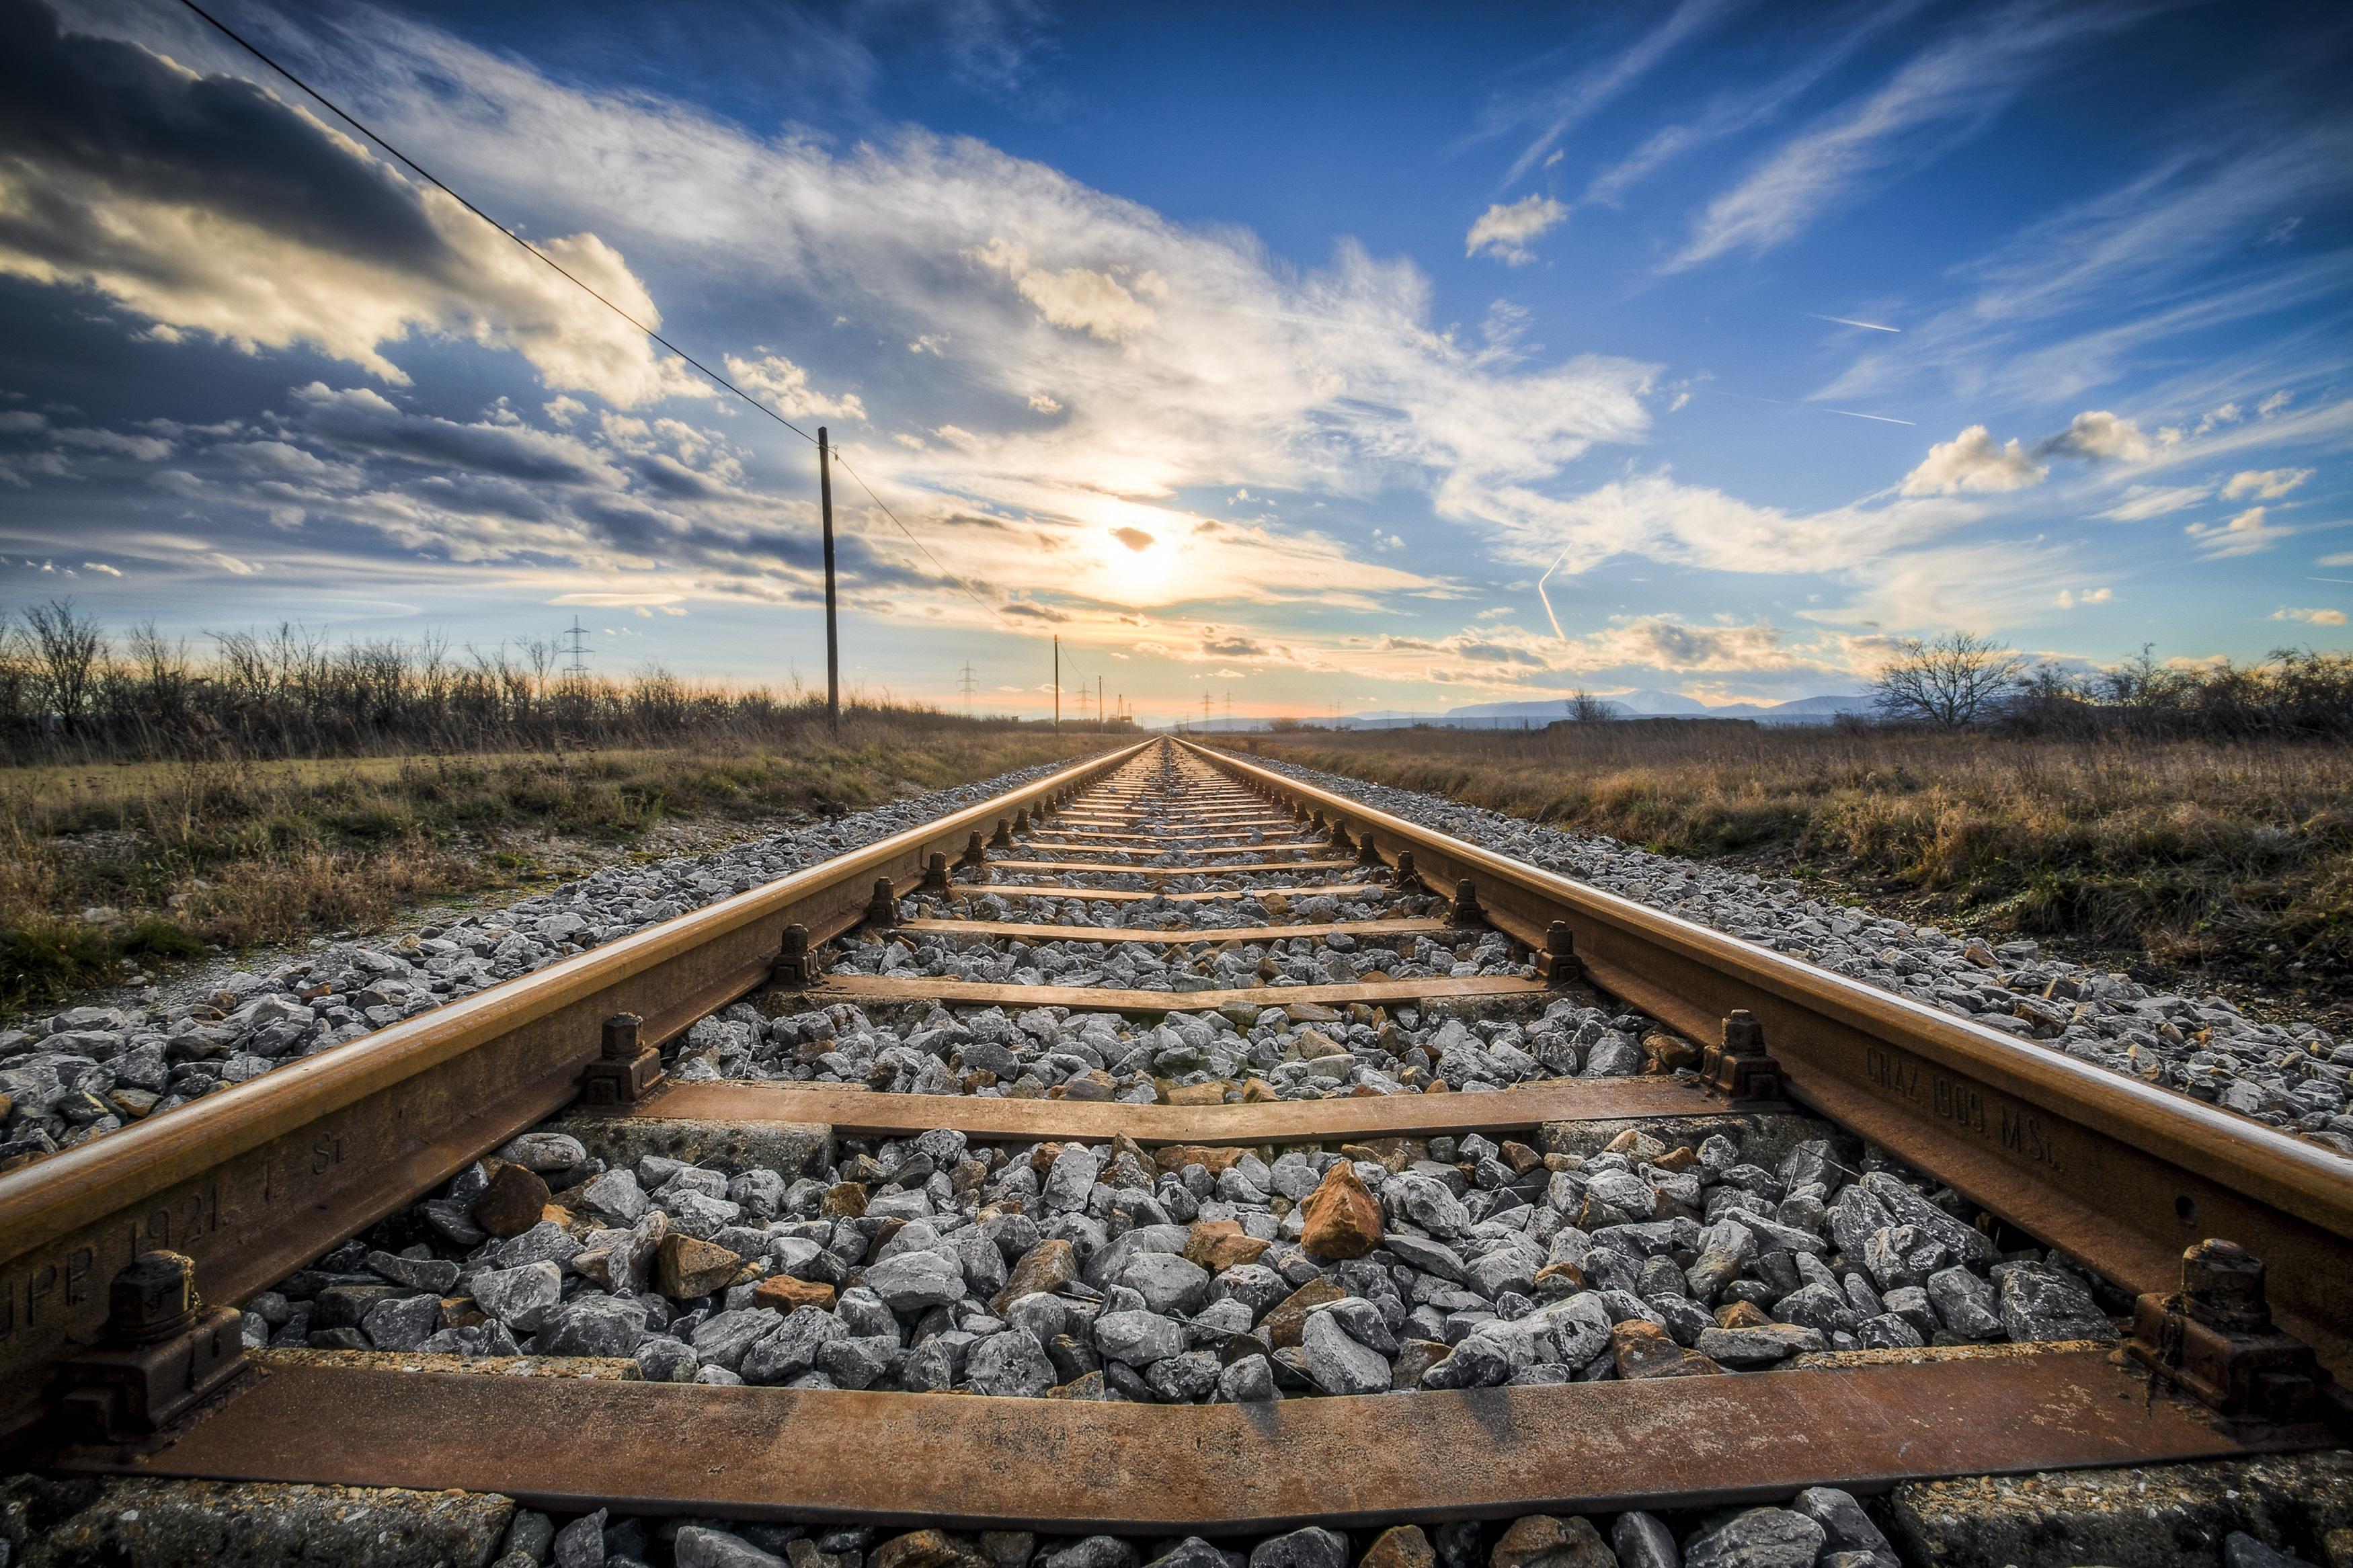 красивые картинки на железнодорожную тему для фото